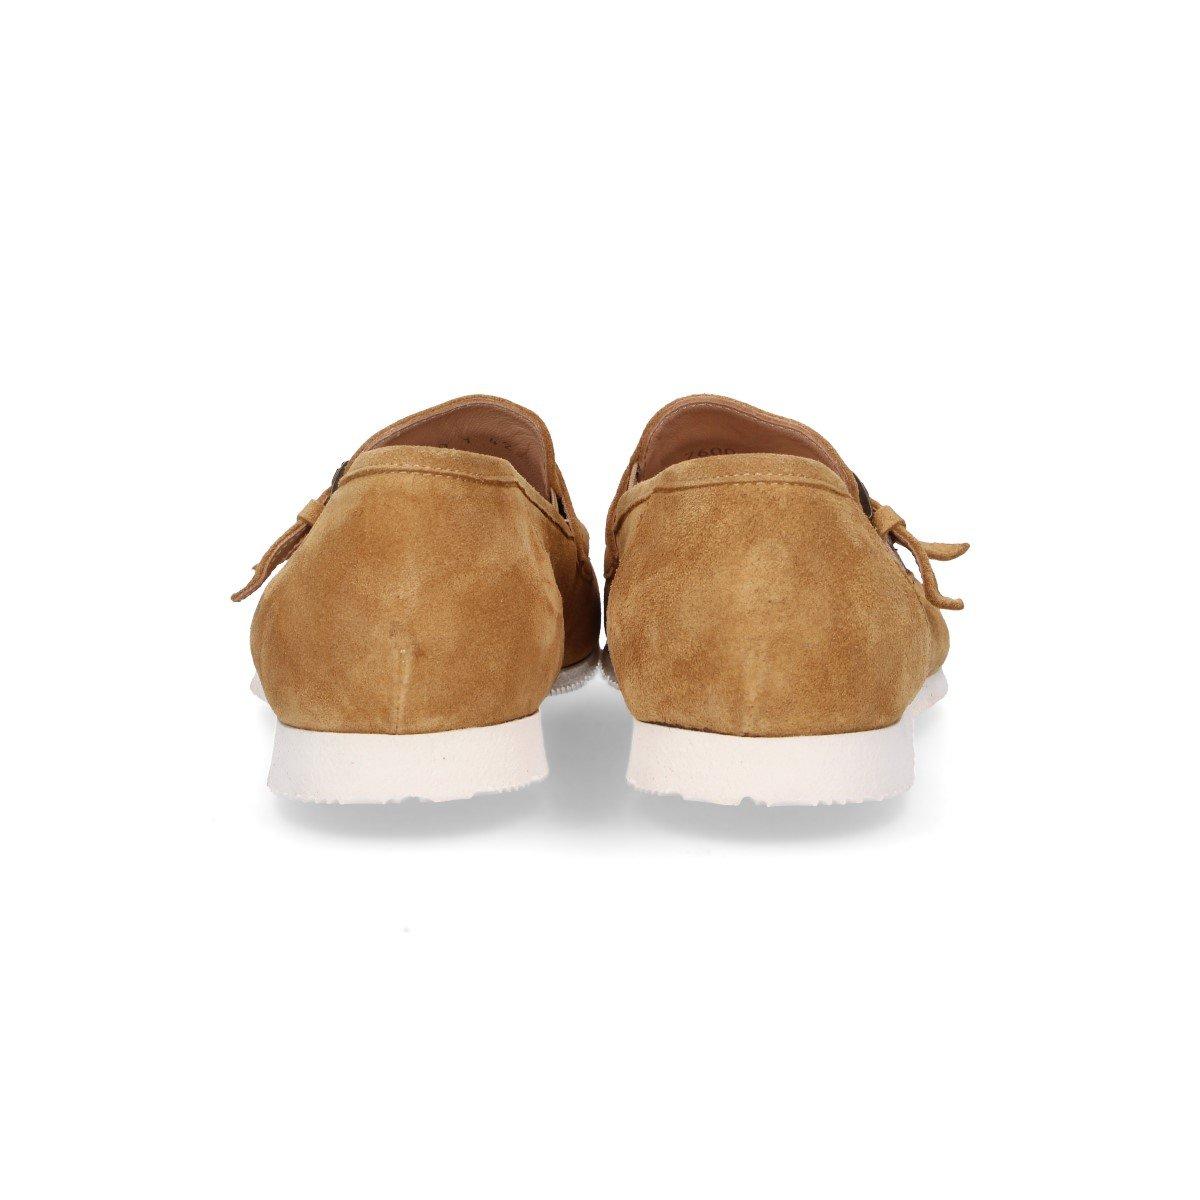 Roberto Botticelli Mocasines de Otra Piel Para Hombre Marrón Marrón, Color Marrón, Talla 41 EU: Amazon.es: Zapatos y complementos